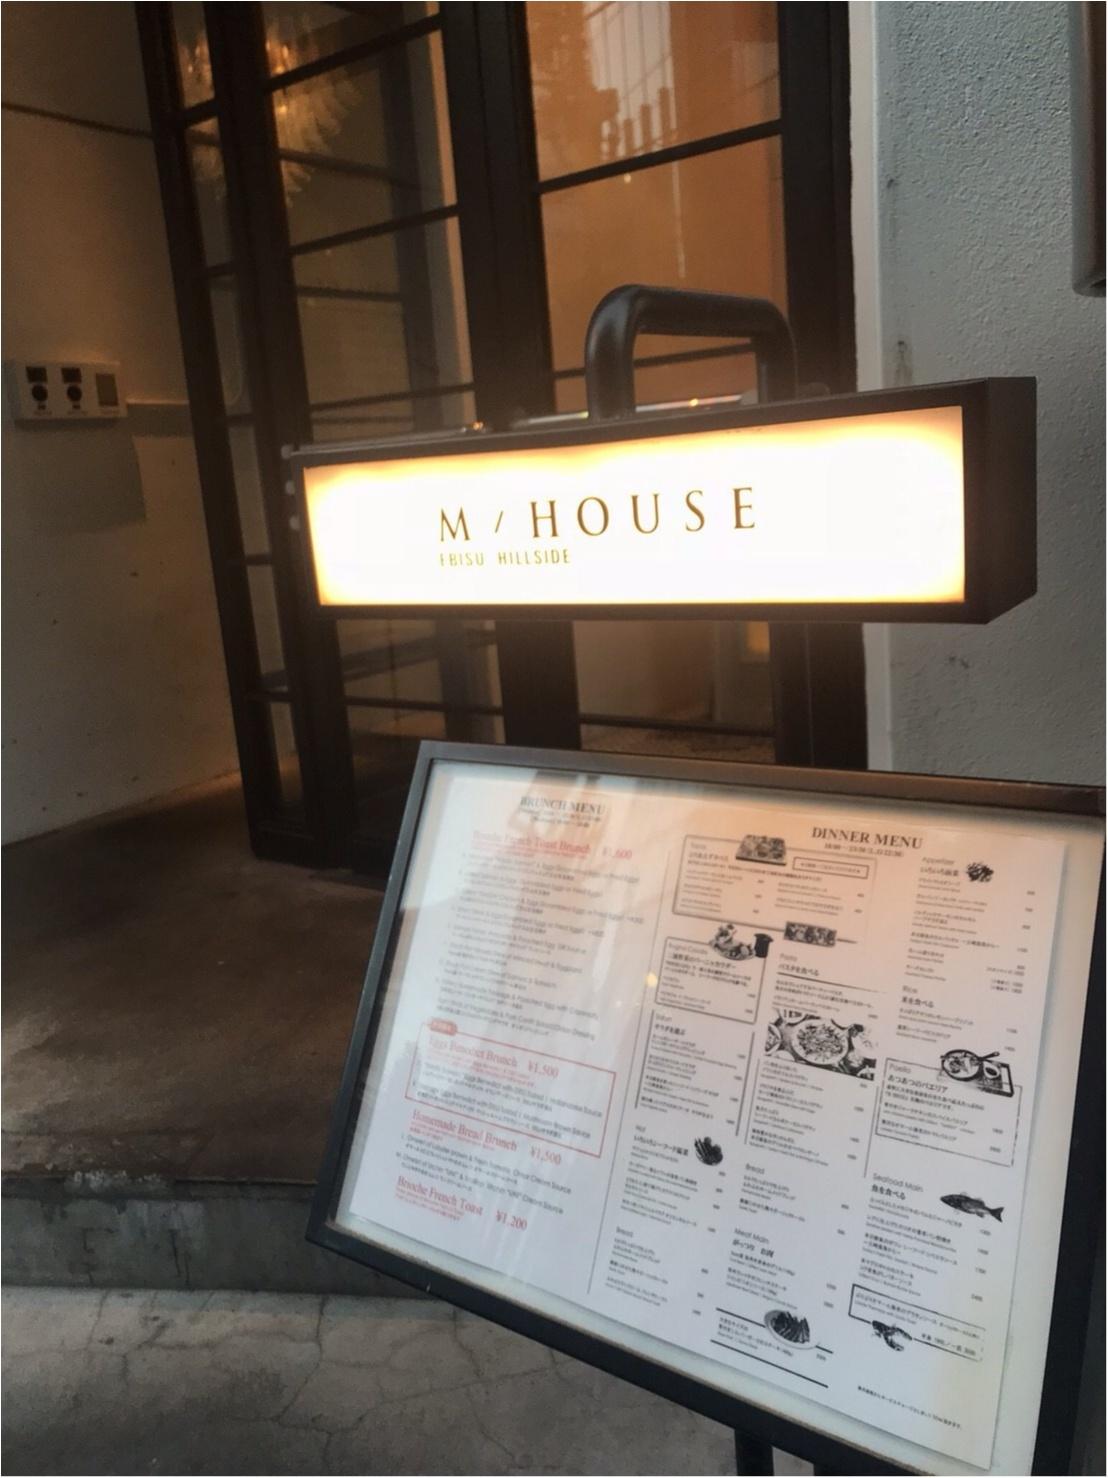 【モアハピ的三ツ星女子会スポット】焼きたてフレンチトーストが美味しい♡ブランチ専門店「M HOUSE」でアフターヌーンティー@東京・恵比寿_2